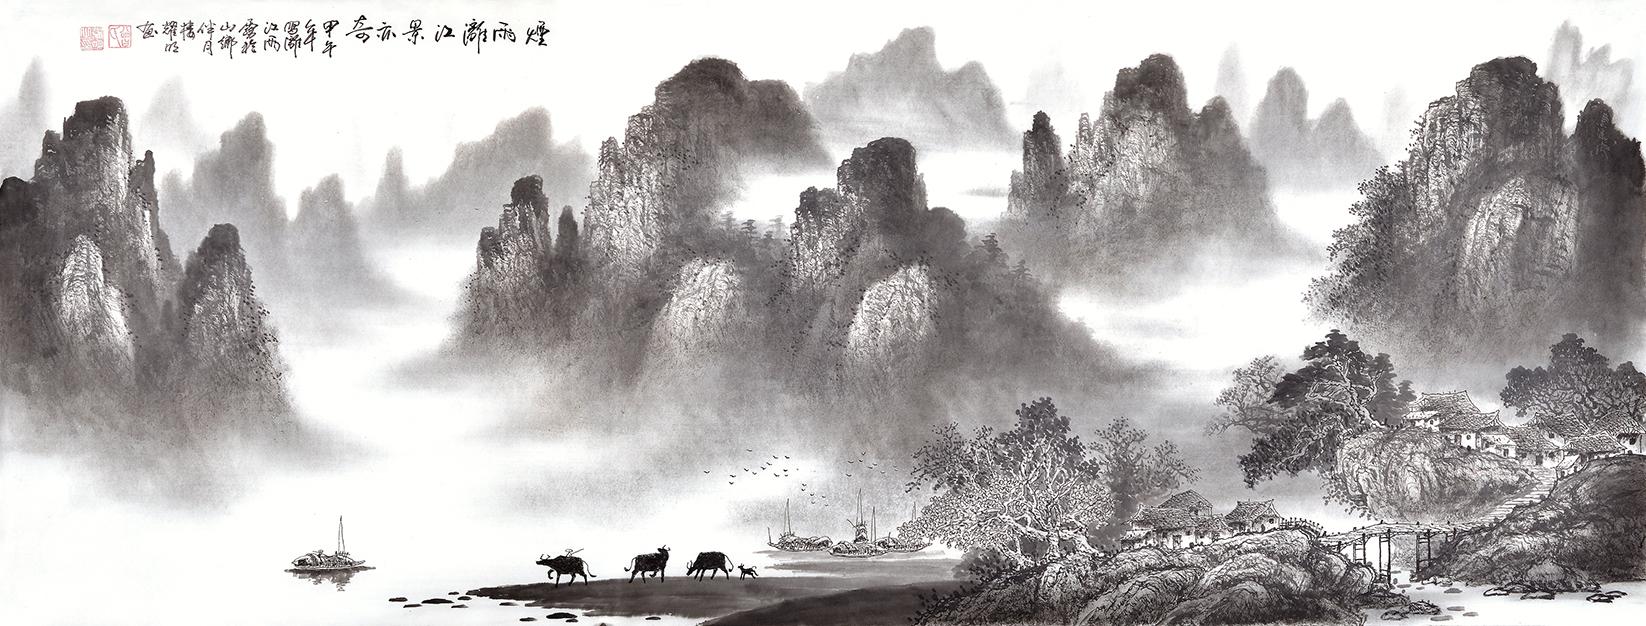 巨型横幅国画山水大�_漓江山水 曾耀明六尺横幅山水画作品《漓江雨雾》作品来源:易从网